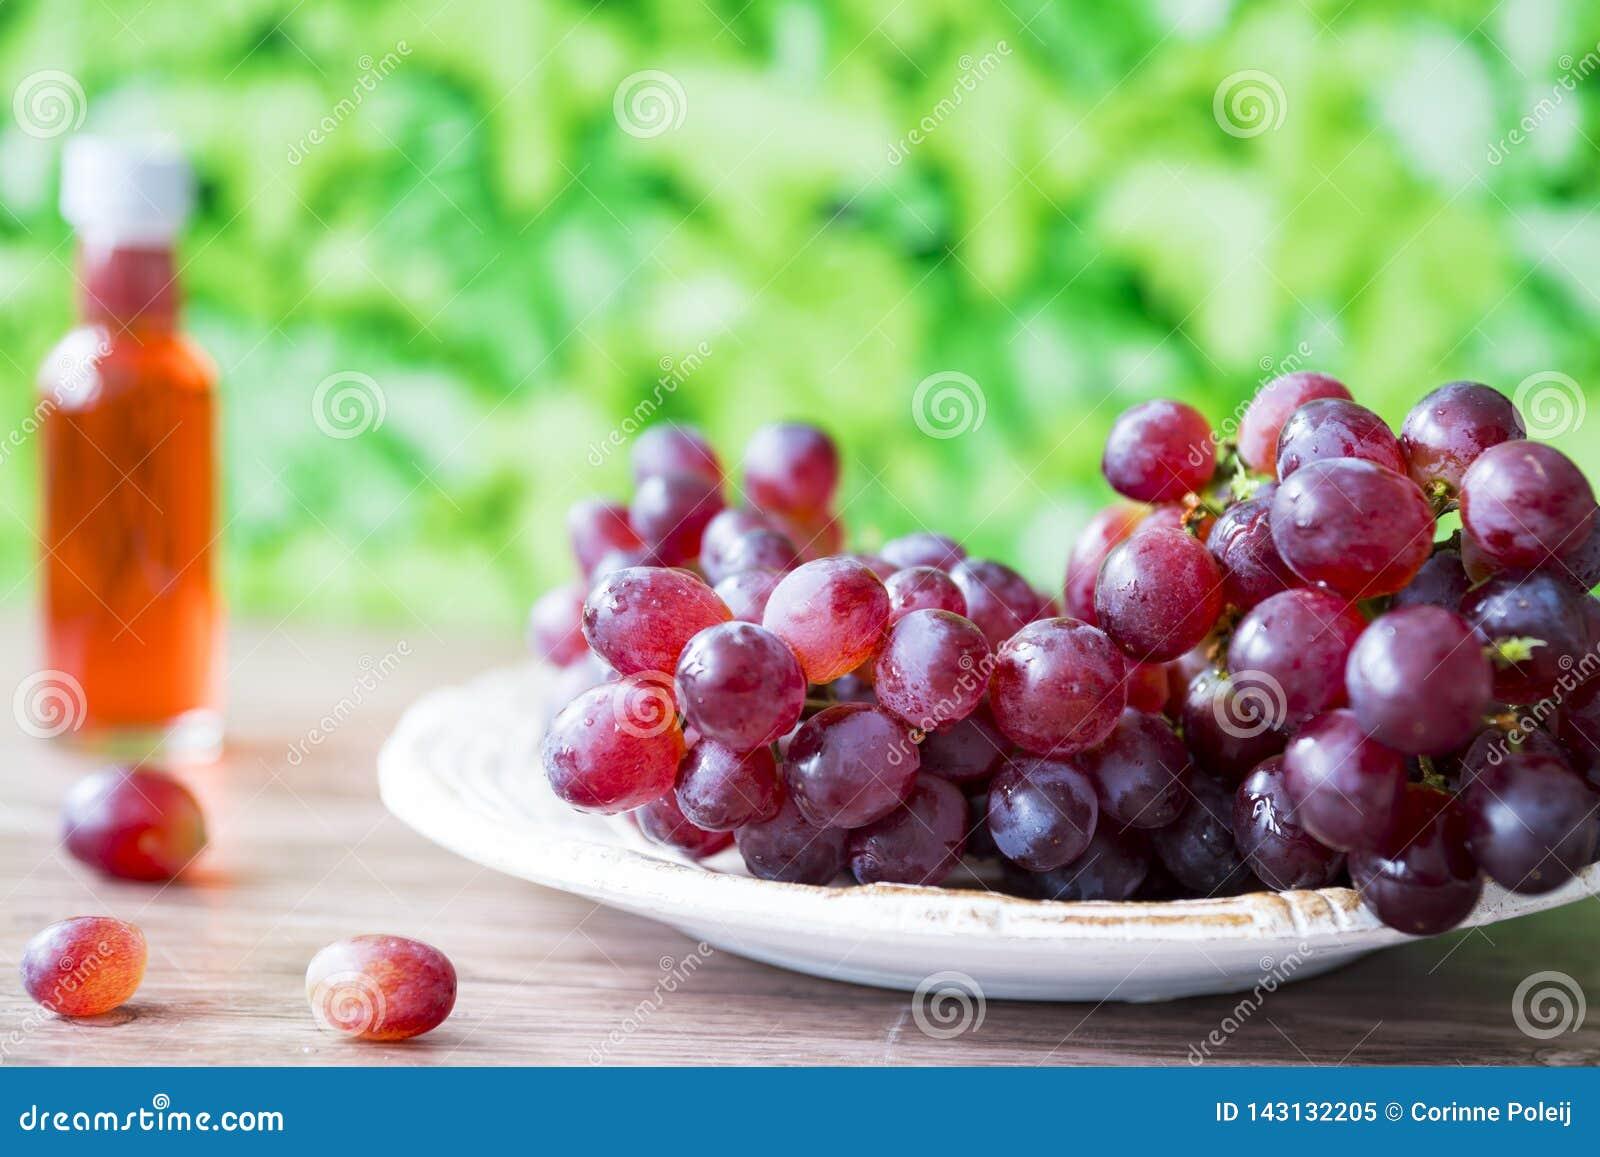 Groupe de raisins rouges du plat blanc, sur le fond vert de feuilles L espace pour le texte